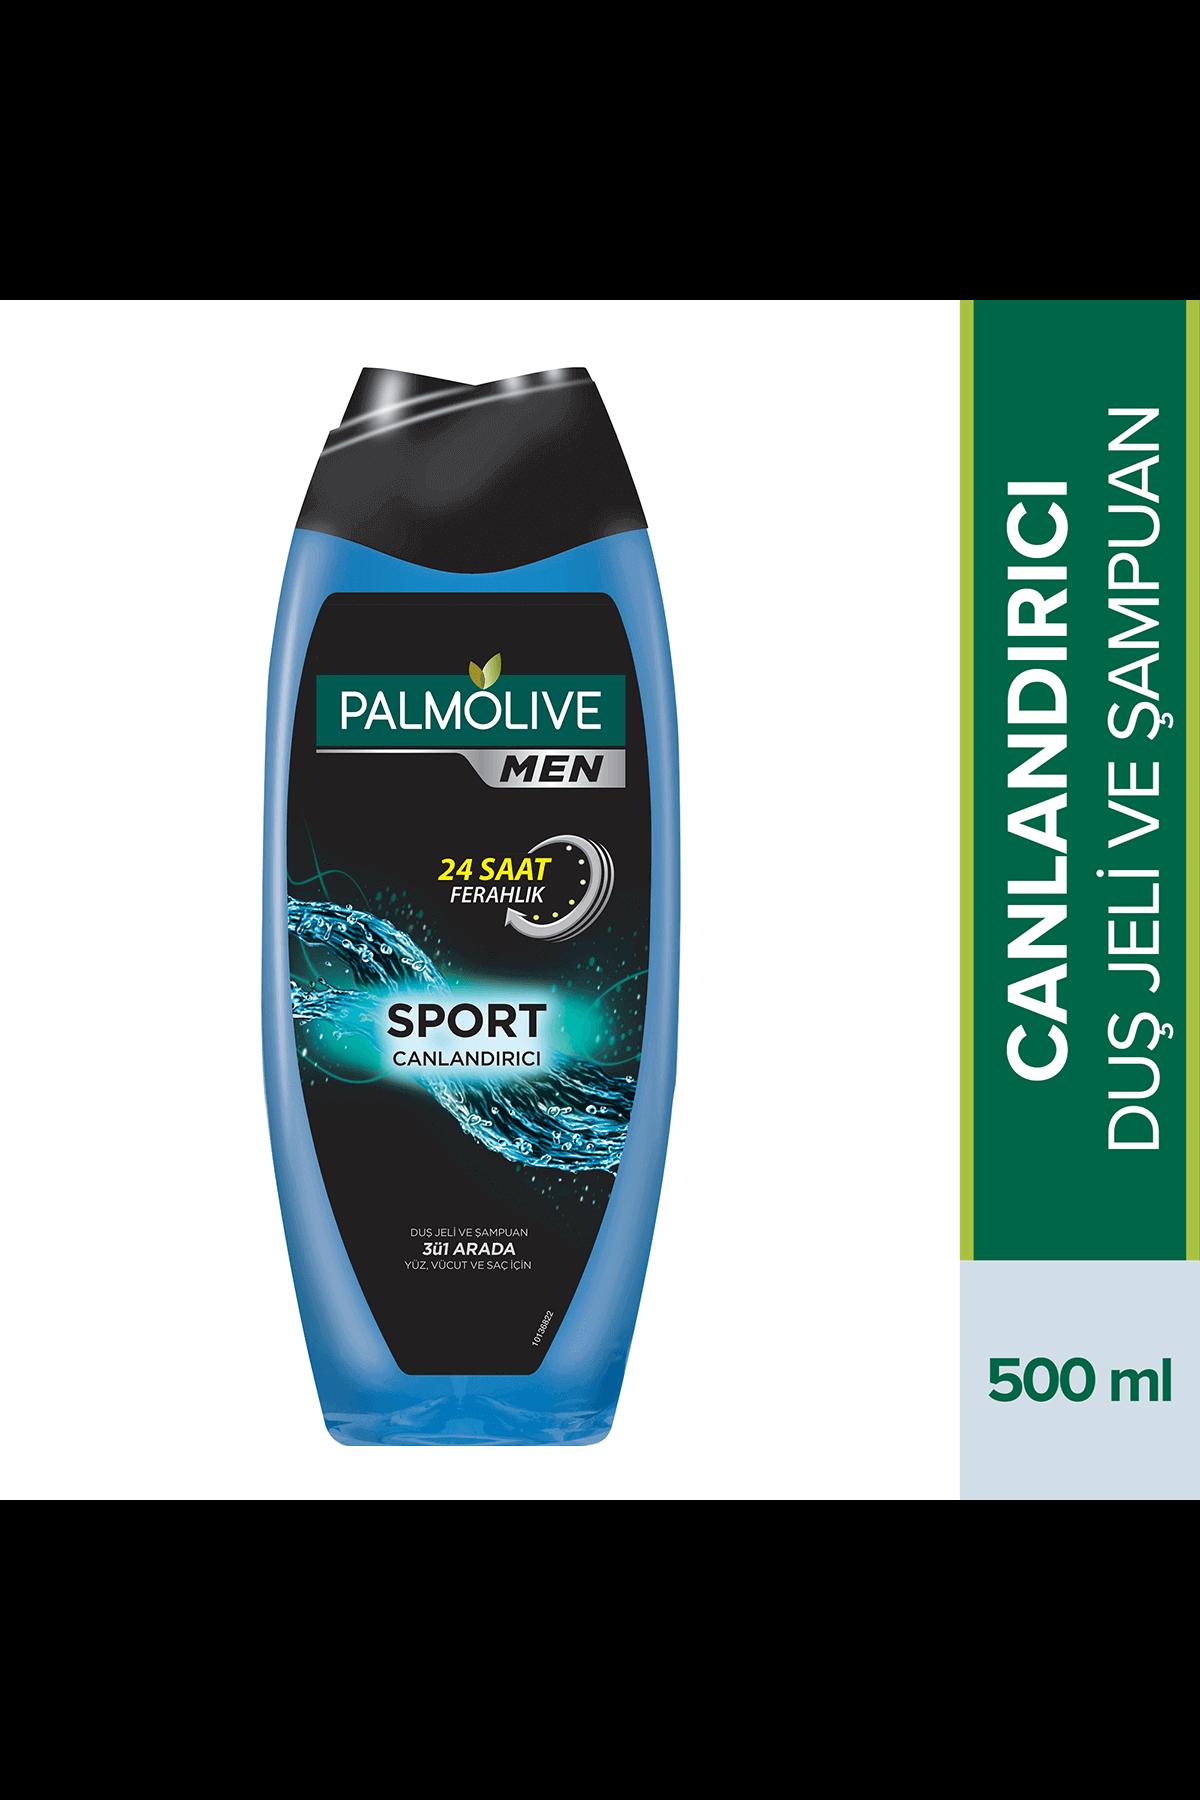 Palmolive Men Sport 3'ü 1 Arada Canlandırıcı Duş Jeli 500 Ml